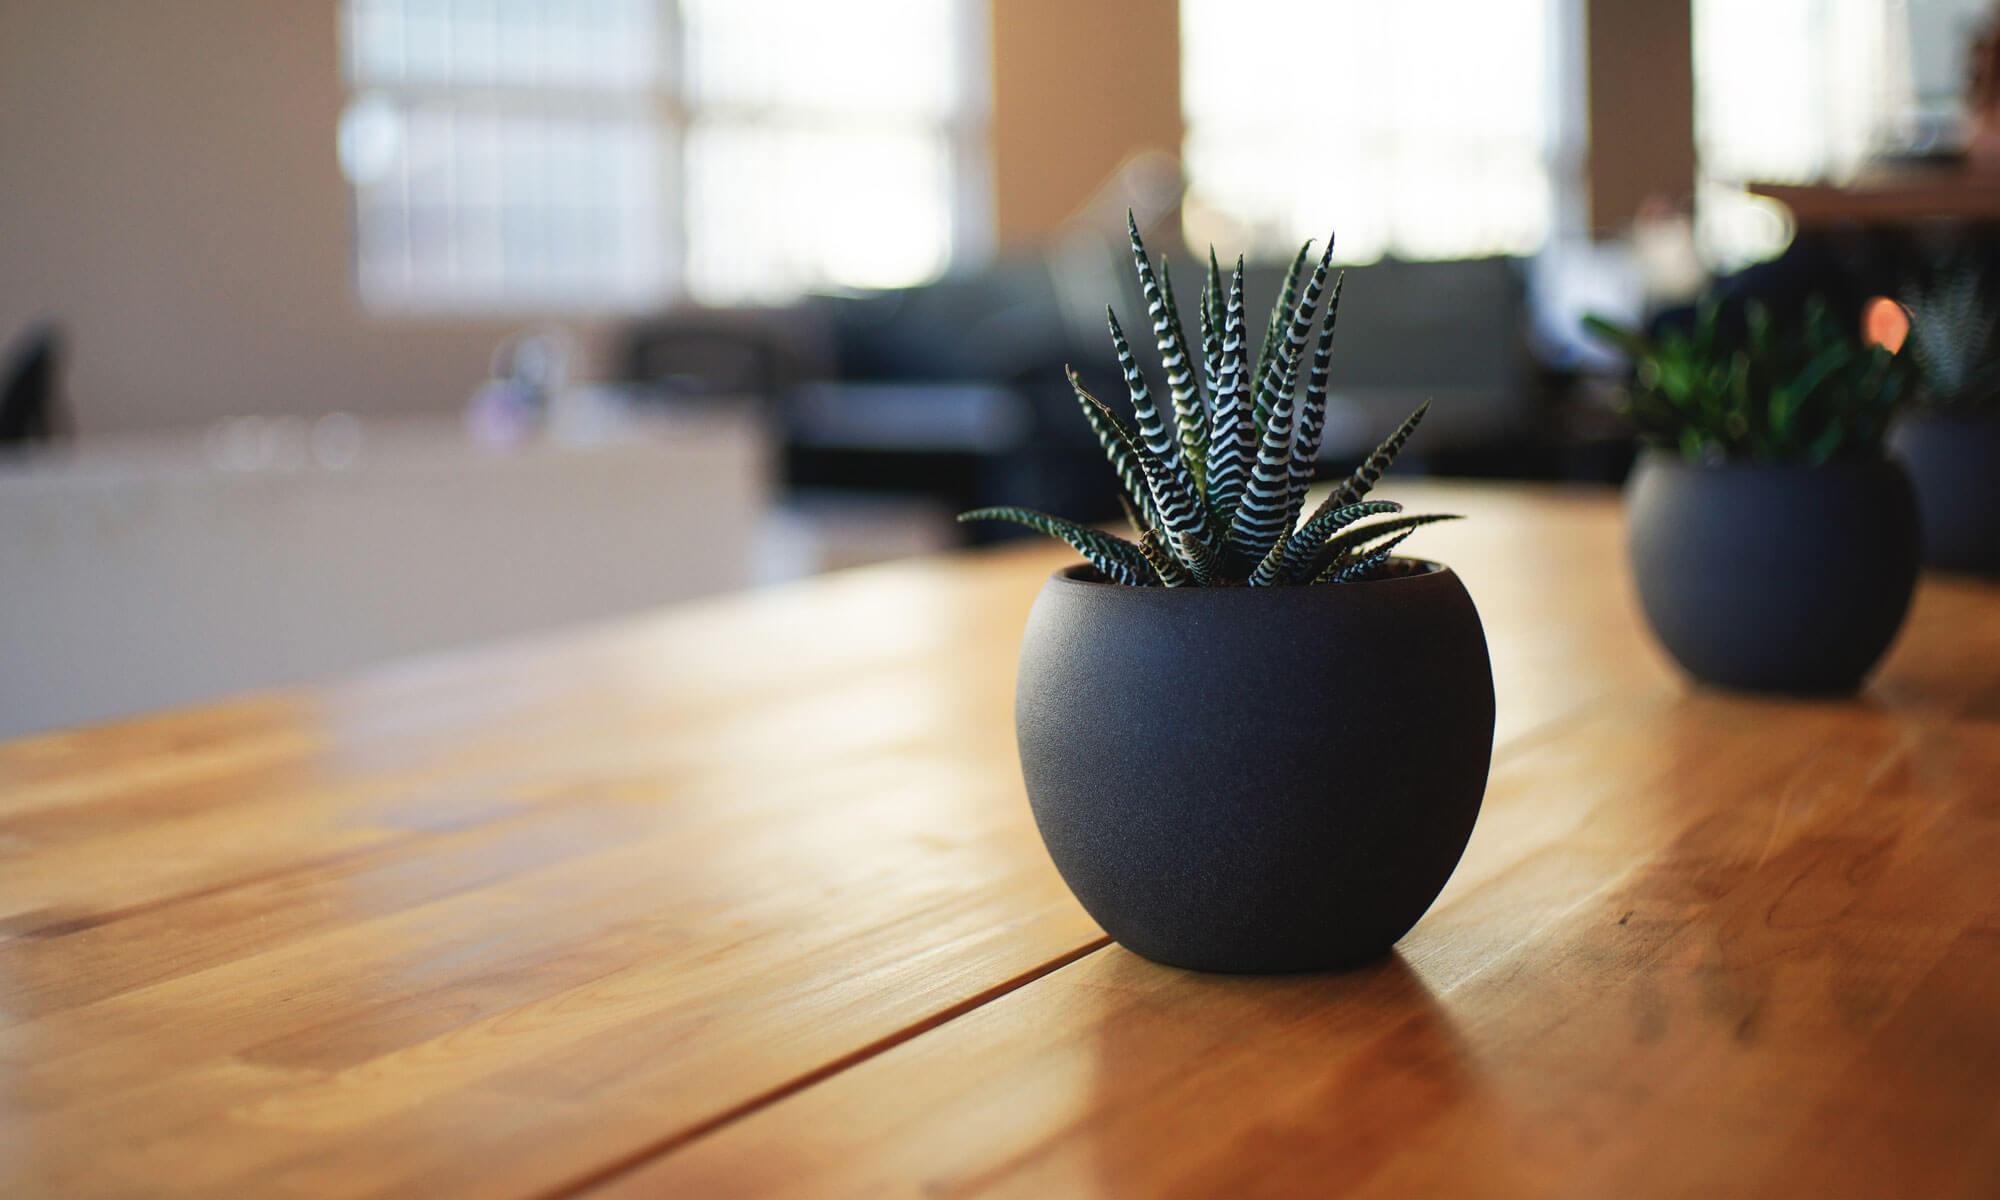 maderacap.org